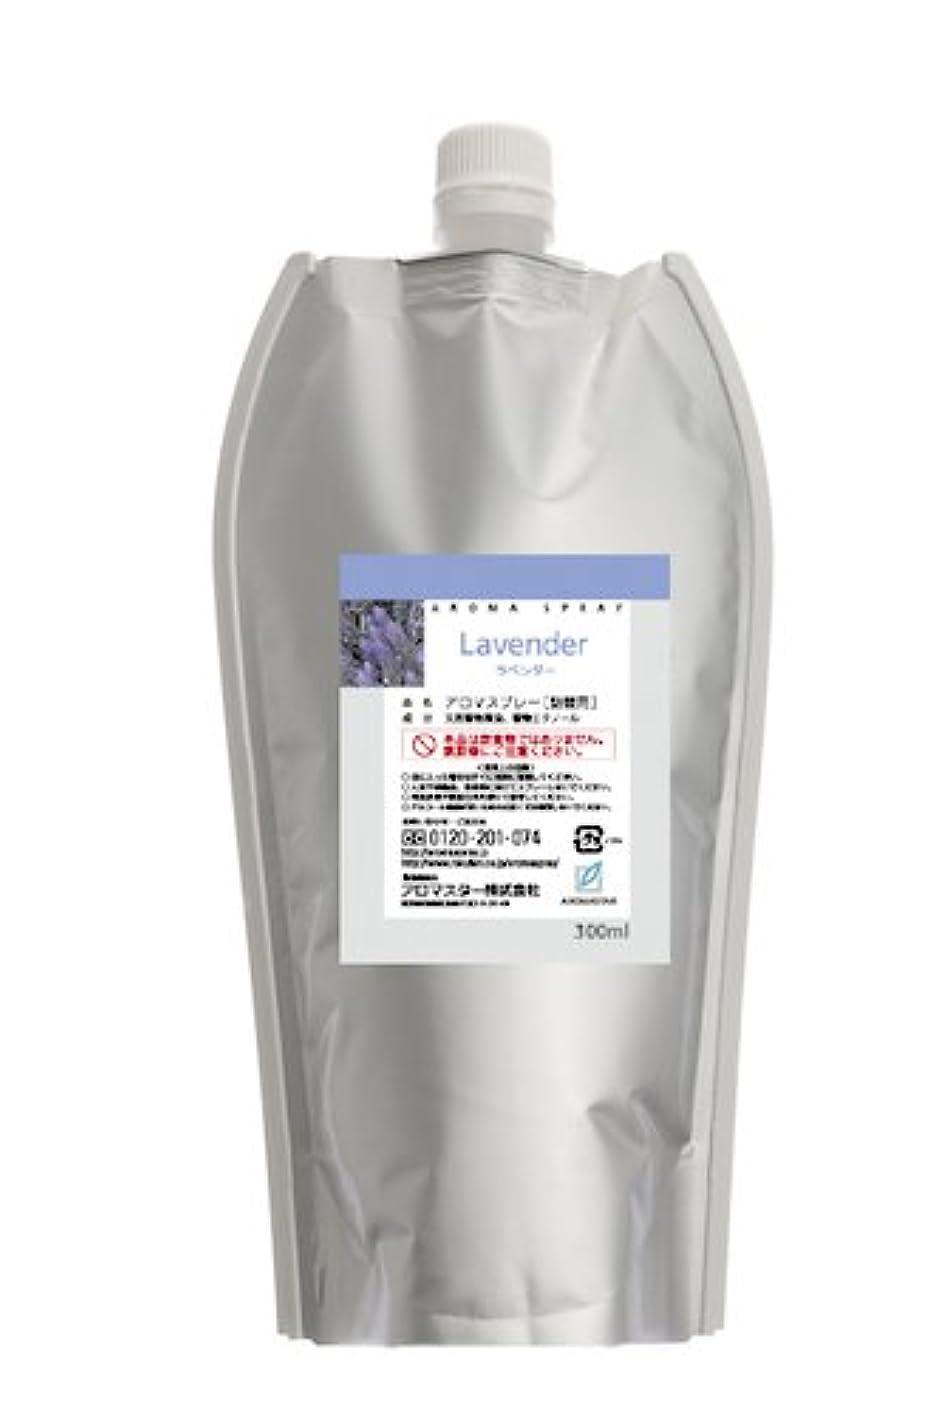 サイトライン圧縮された農学AROMASTAR(アロマスター) アロマスプレー ラベンダー 300ml詰替用(エコパック)